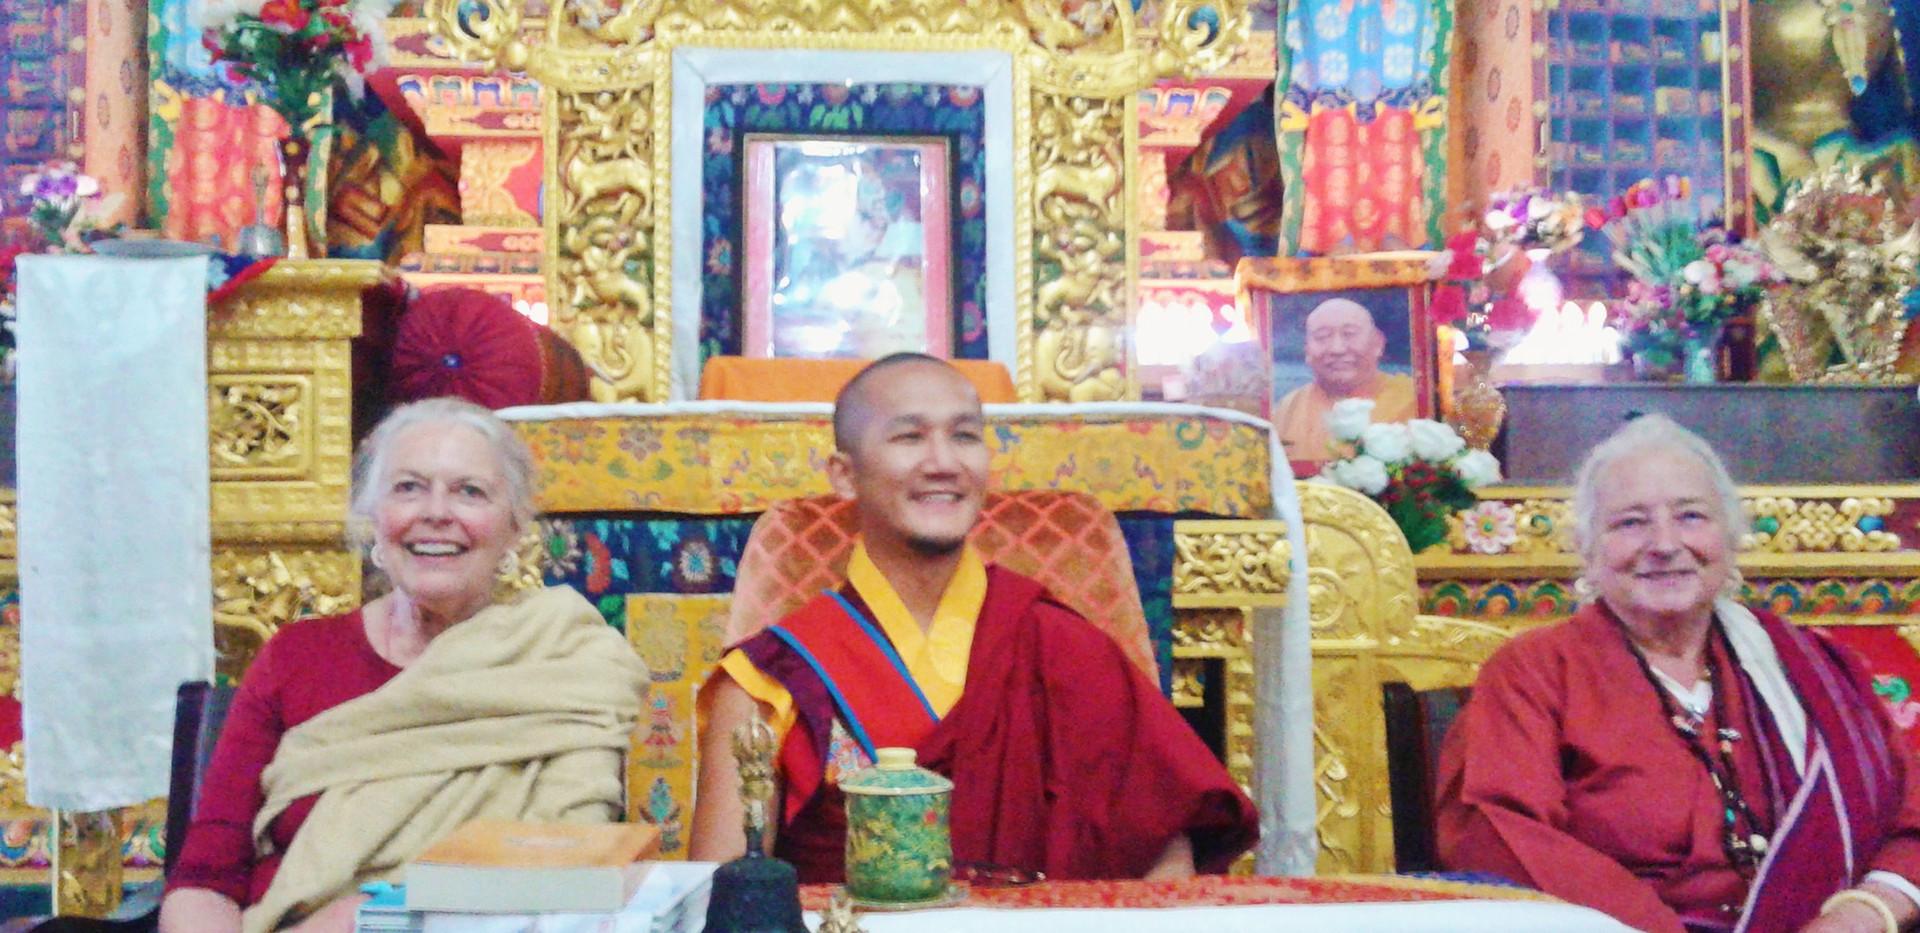 Candice Rinpoche, Palgar Rinpoche and Lama Lena